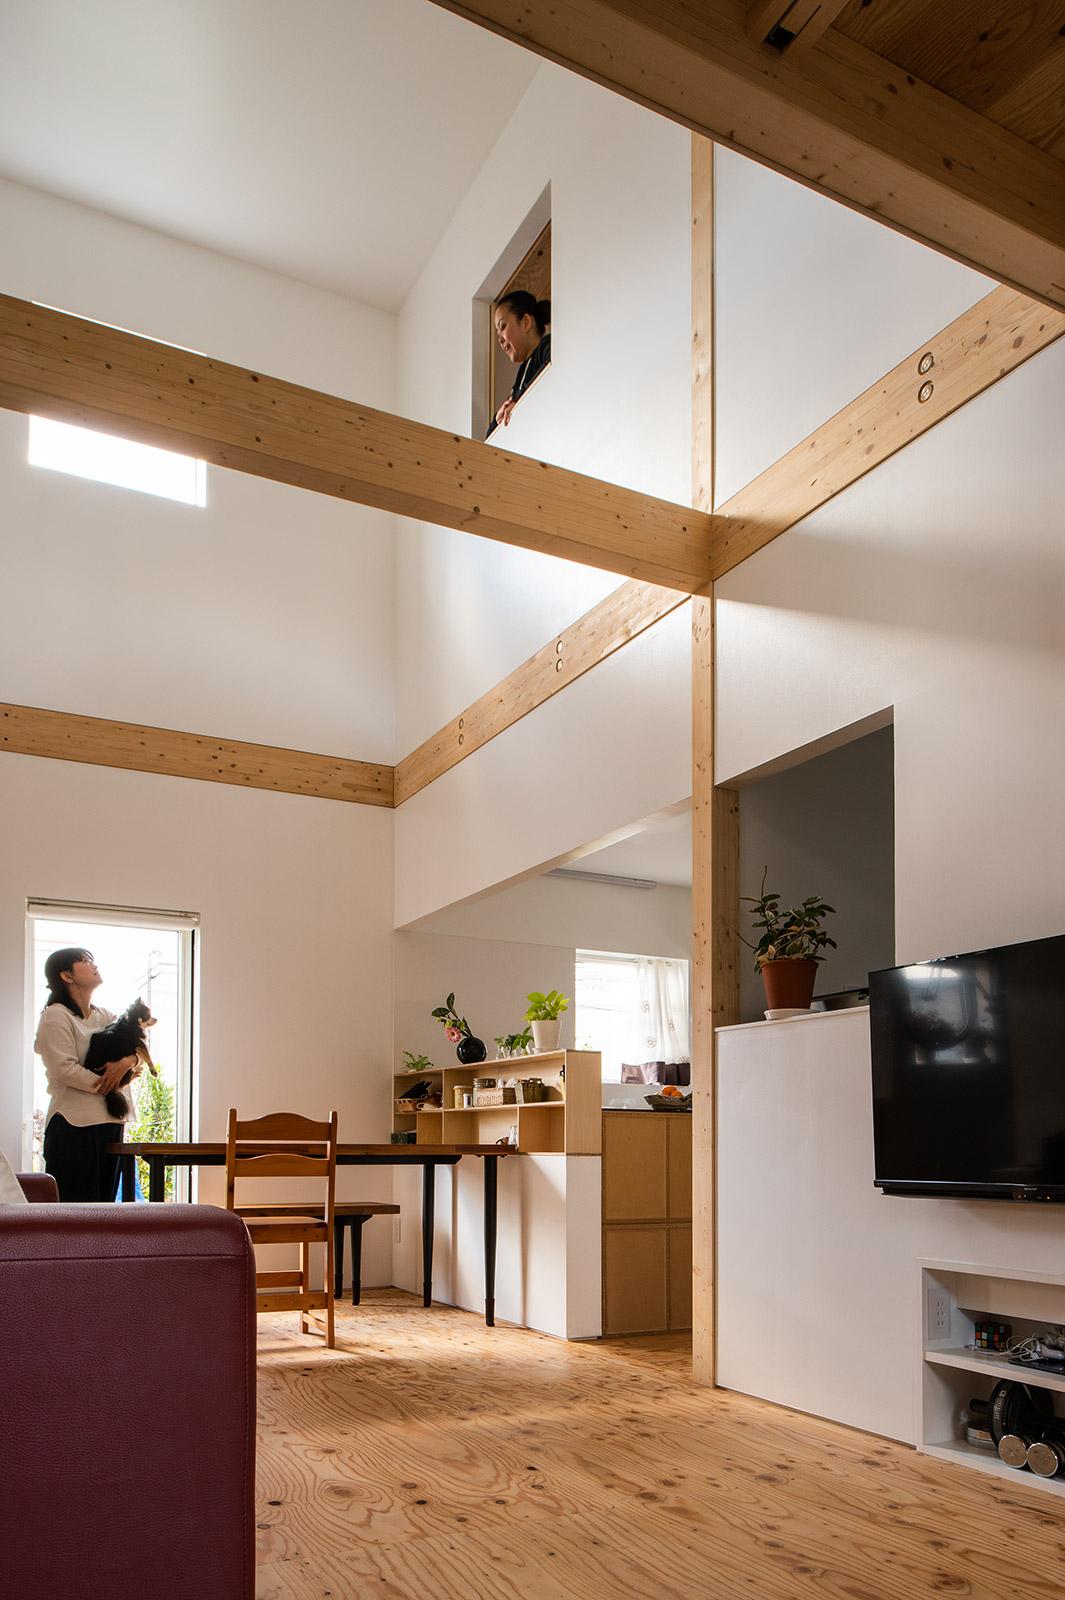 2階の各個室には、吹き抜けに面して正方形の開口を設置。開口越しに声を掛け合う様子からも、家族の親密さが伝わる